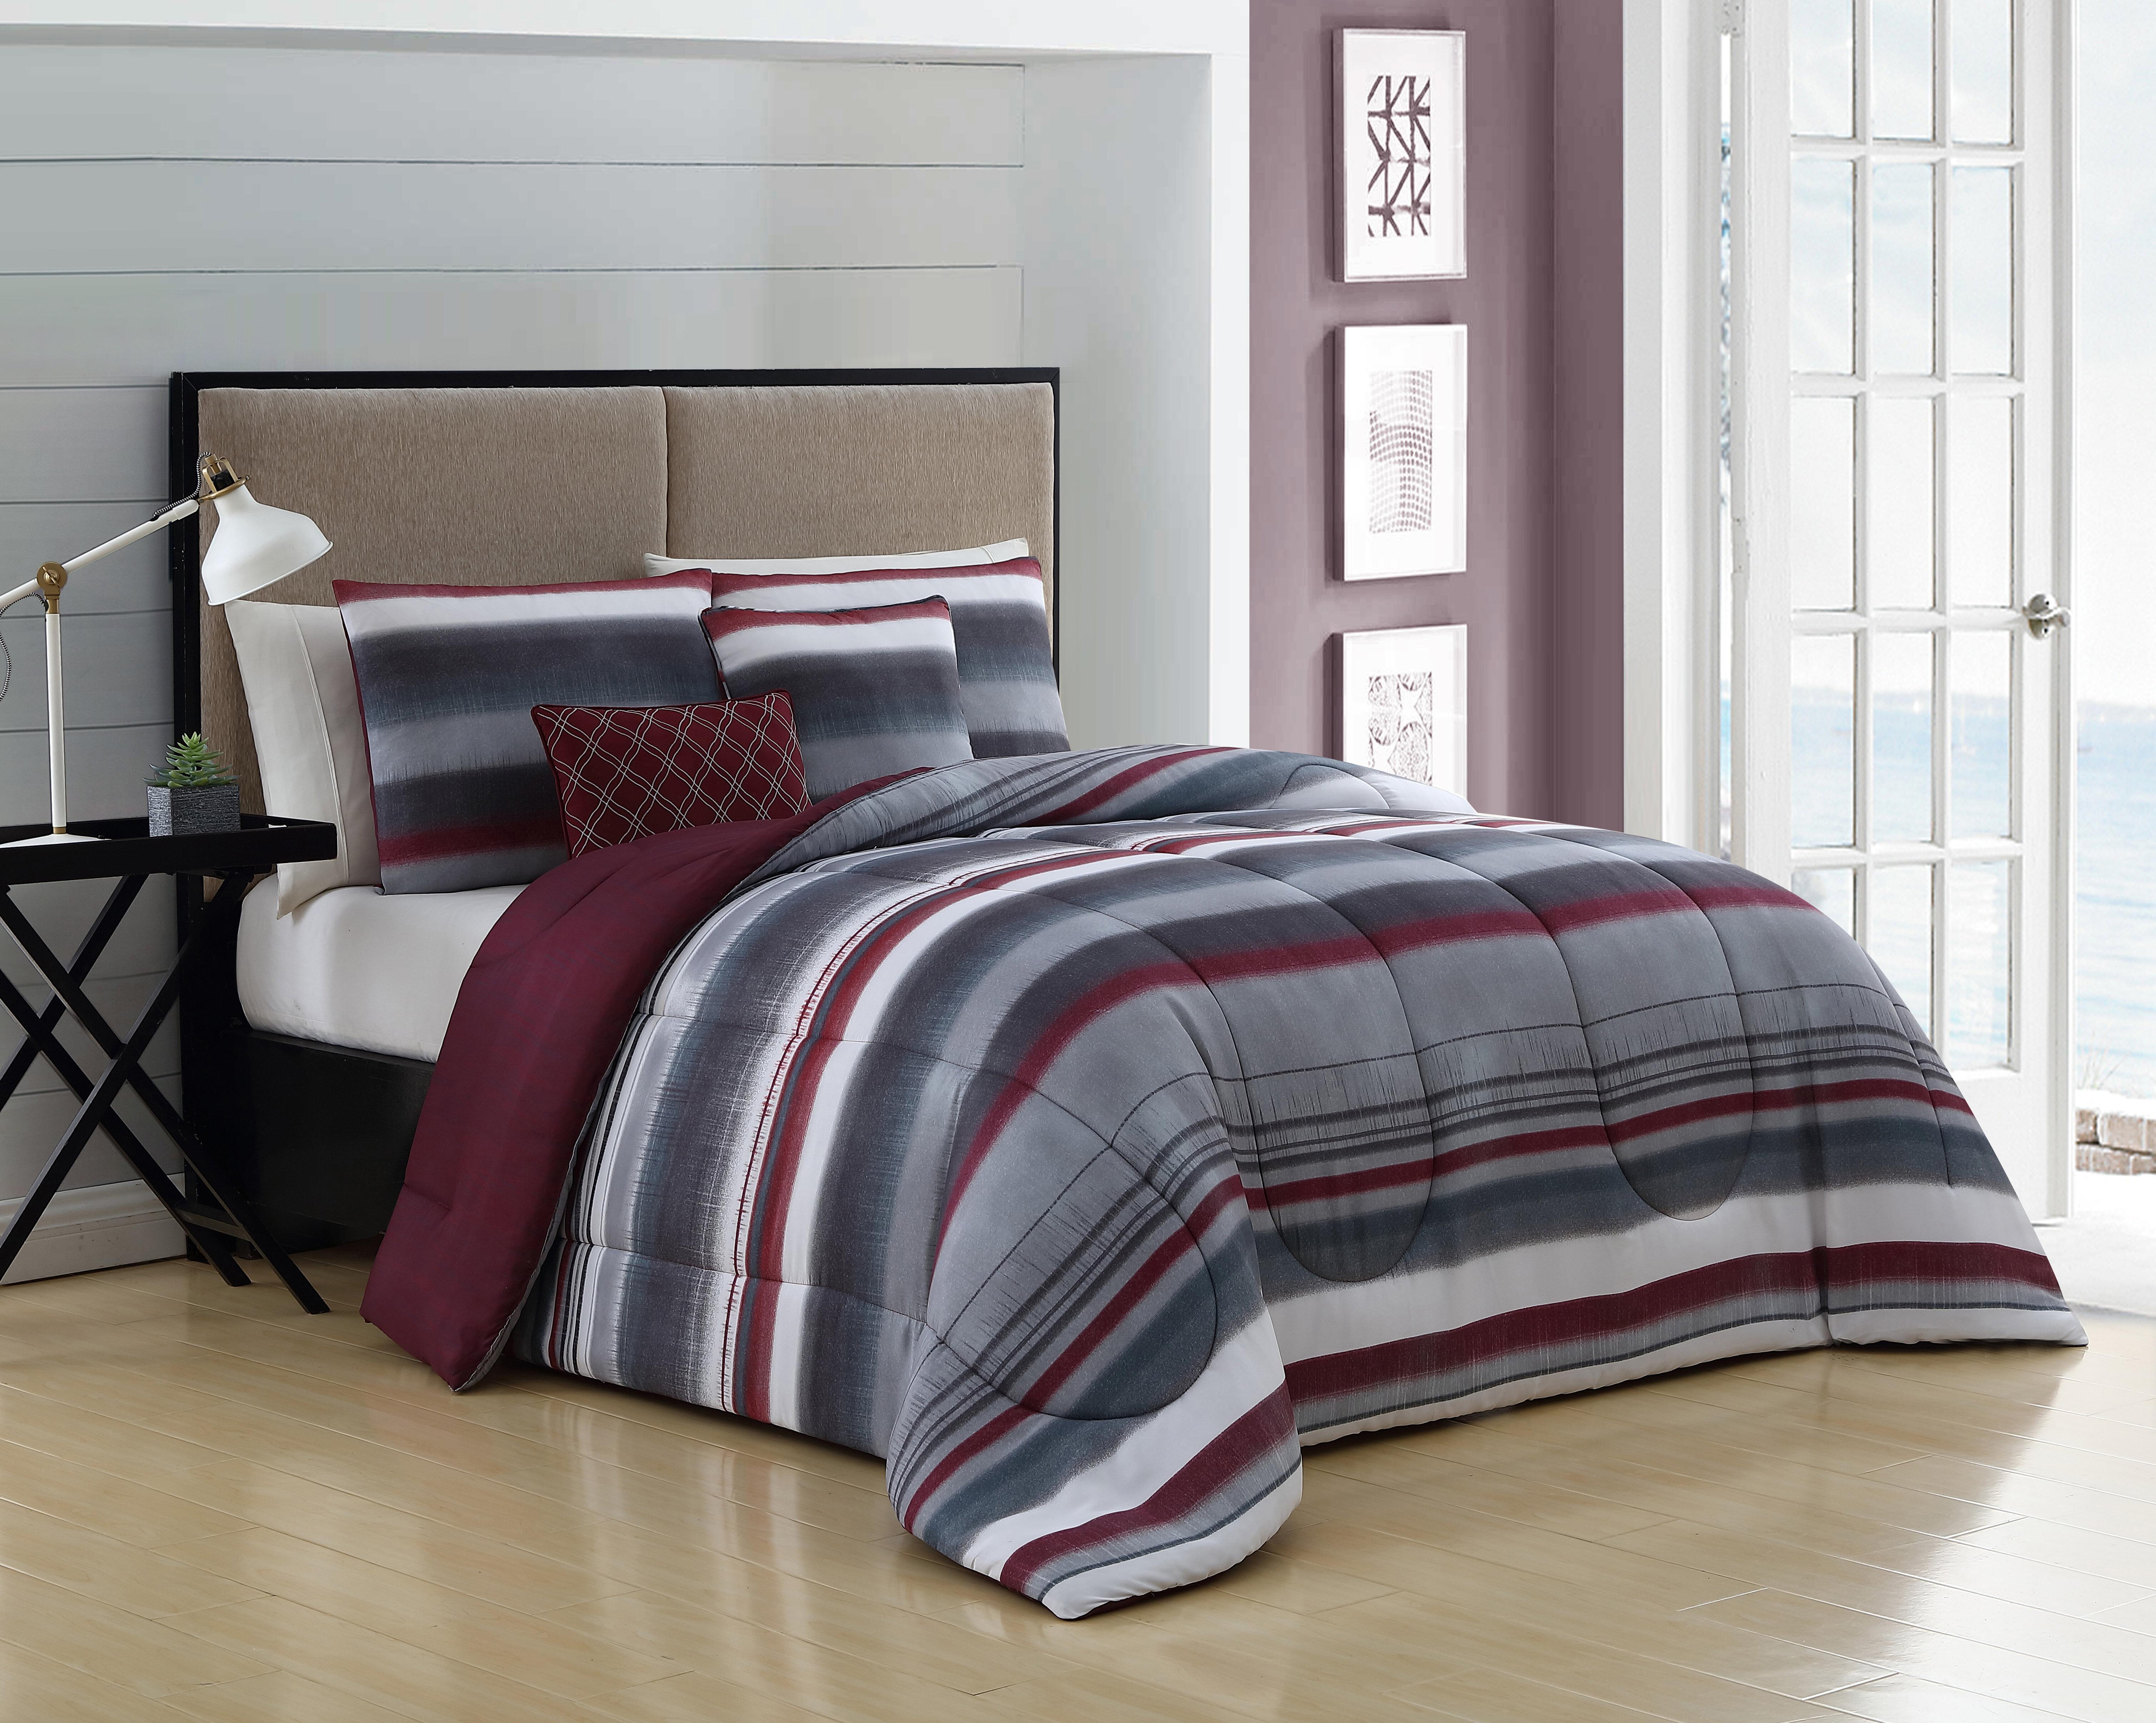 Ebern Designs Hajek Reversible Comforter Set Reviews Wayfair